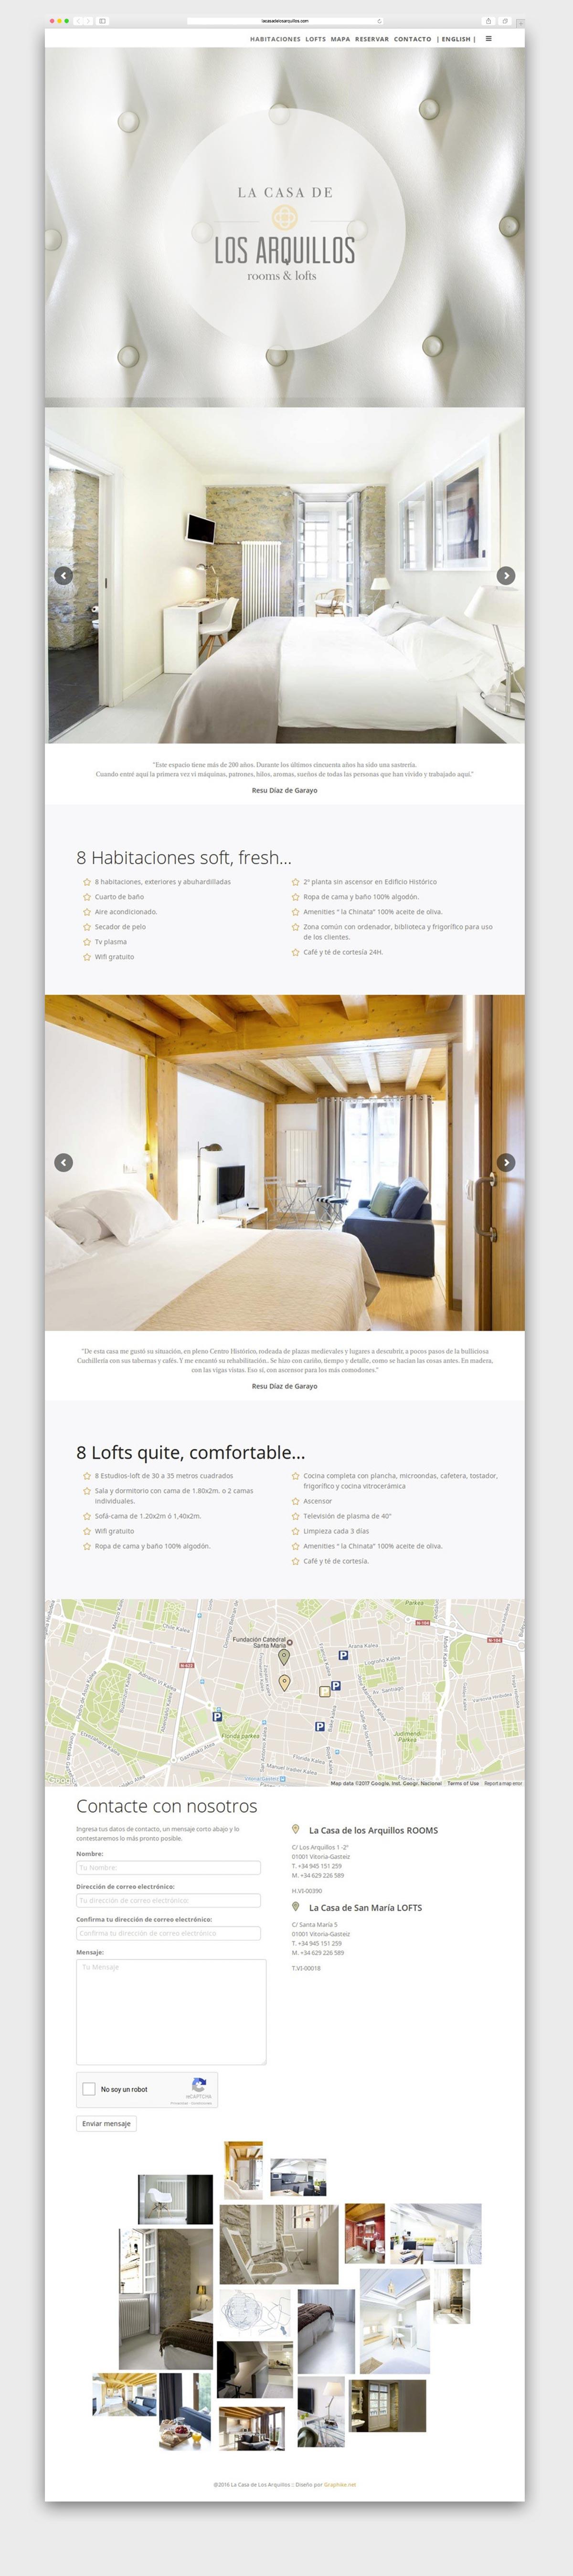 Diseño web. La Casa de los Arquillos. Humanos Unidos Comunicación. Vitoria-Gasteiz